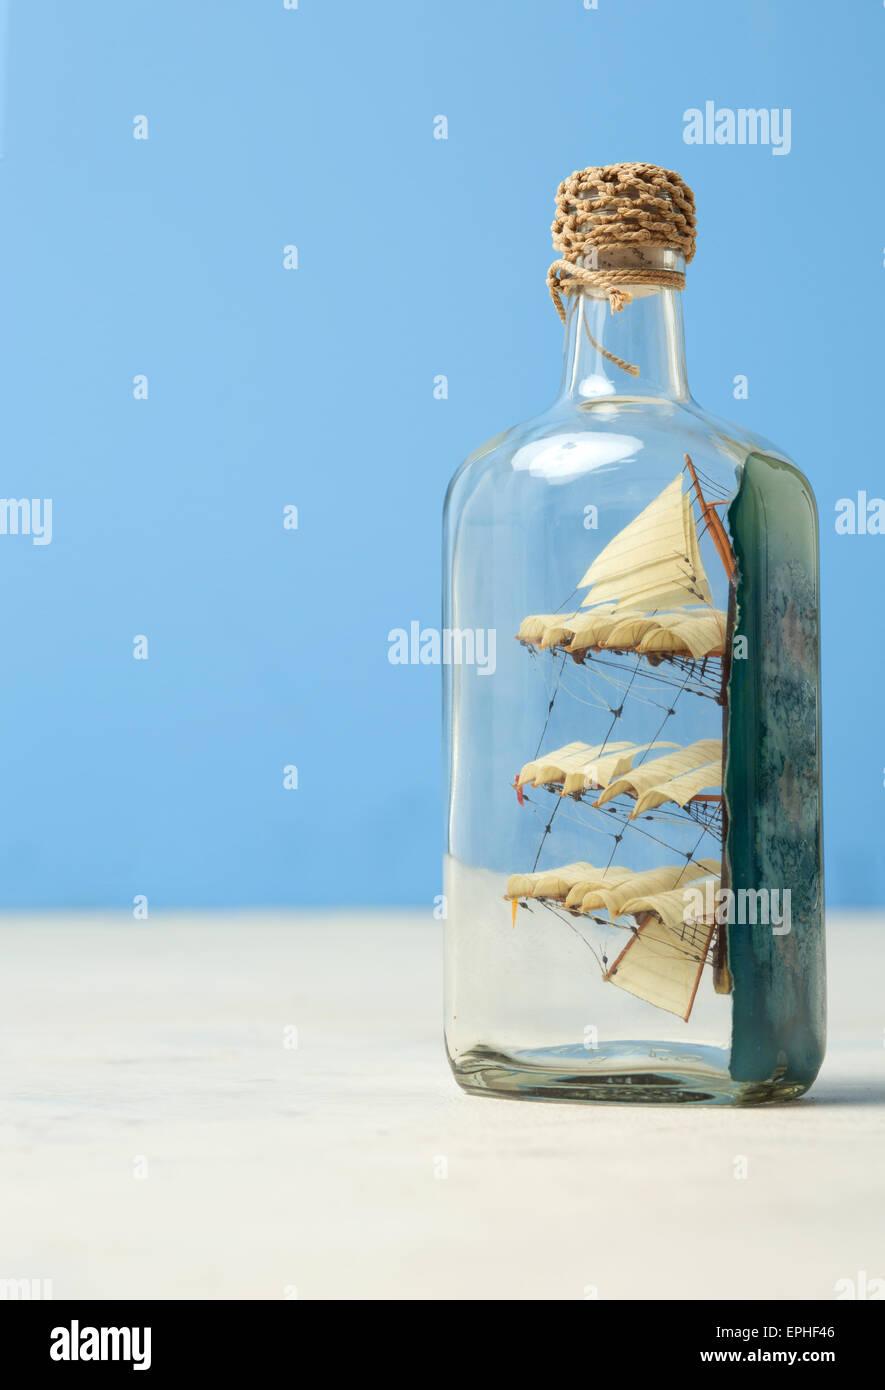 Barca giocattolo in una bottiglia di vetro Immagini Stock